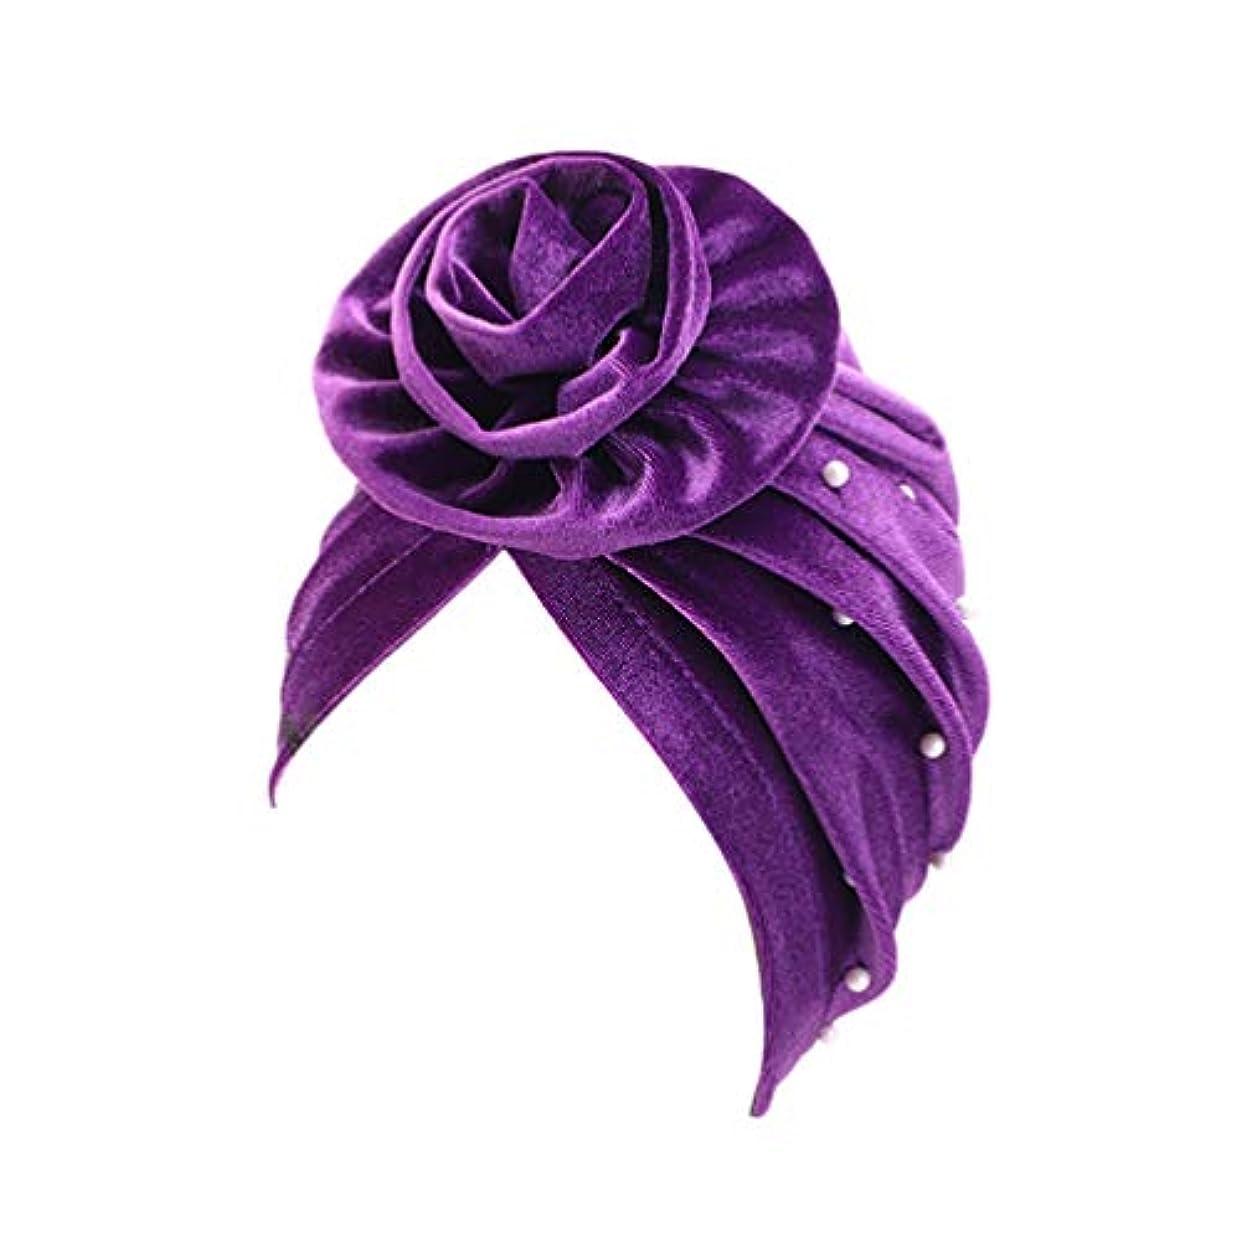 出発信号最小化するHealifty 睡眠ナイトキャップ花の装飾ワイドバンドボンネットナイトヘッドカバーソフトヘアターバン女性用ヘアビューティーヘアケアキャップ(パープル)